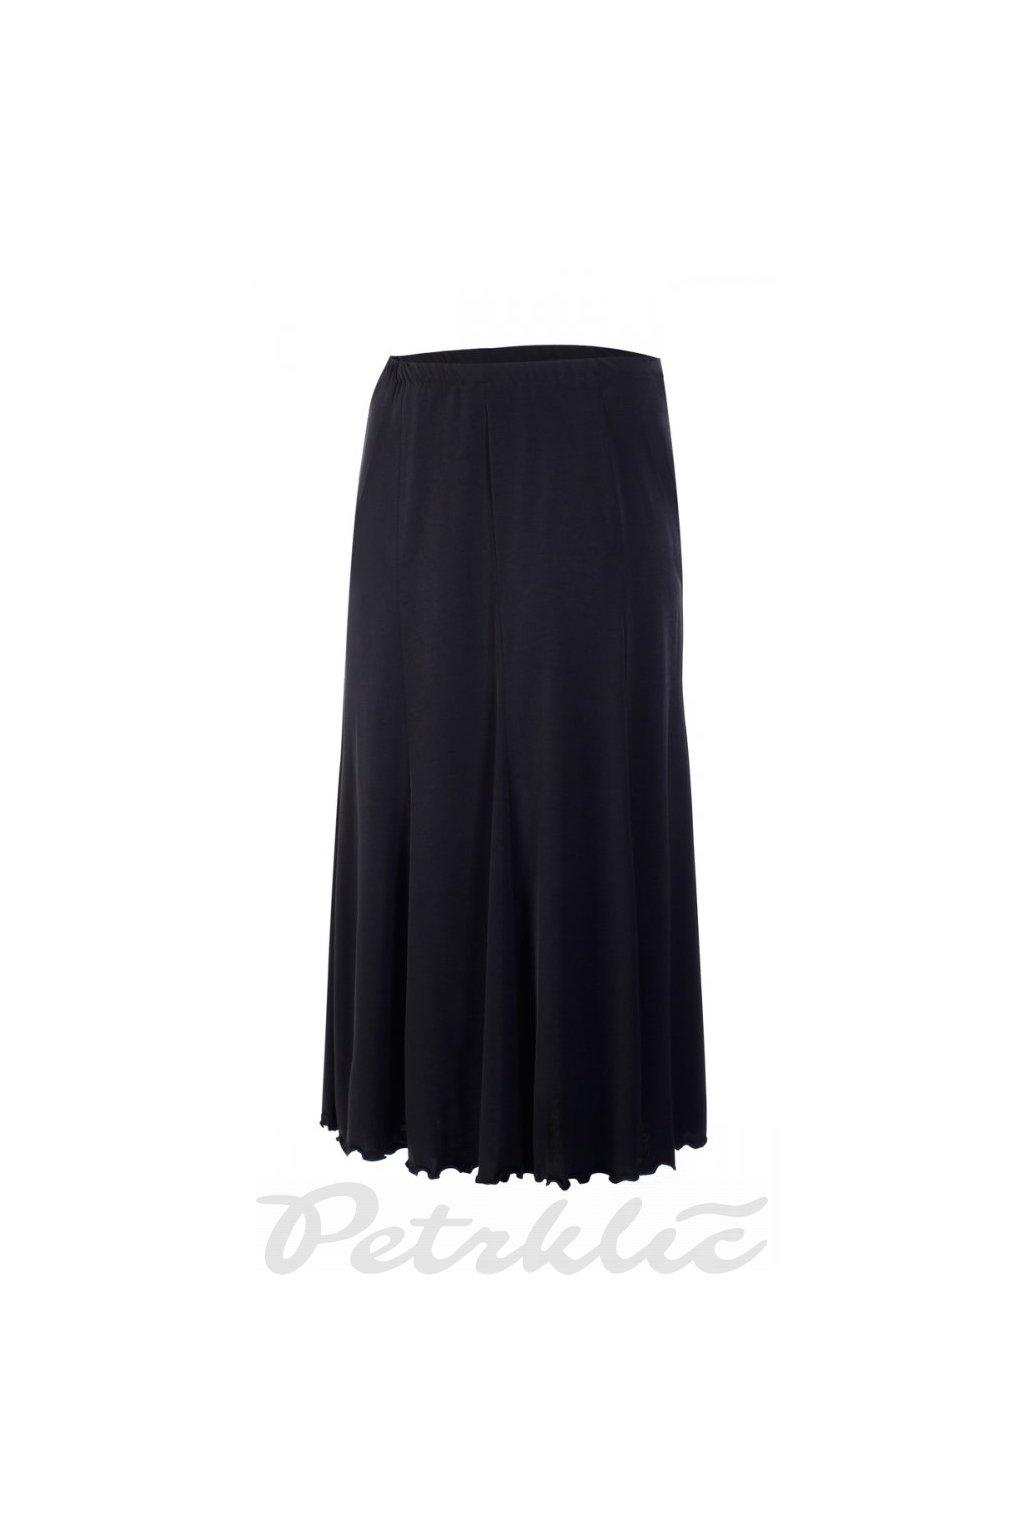 OSMA sukně 80 - 85 cm